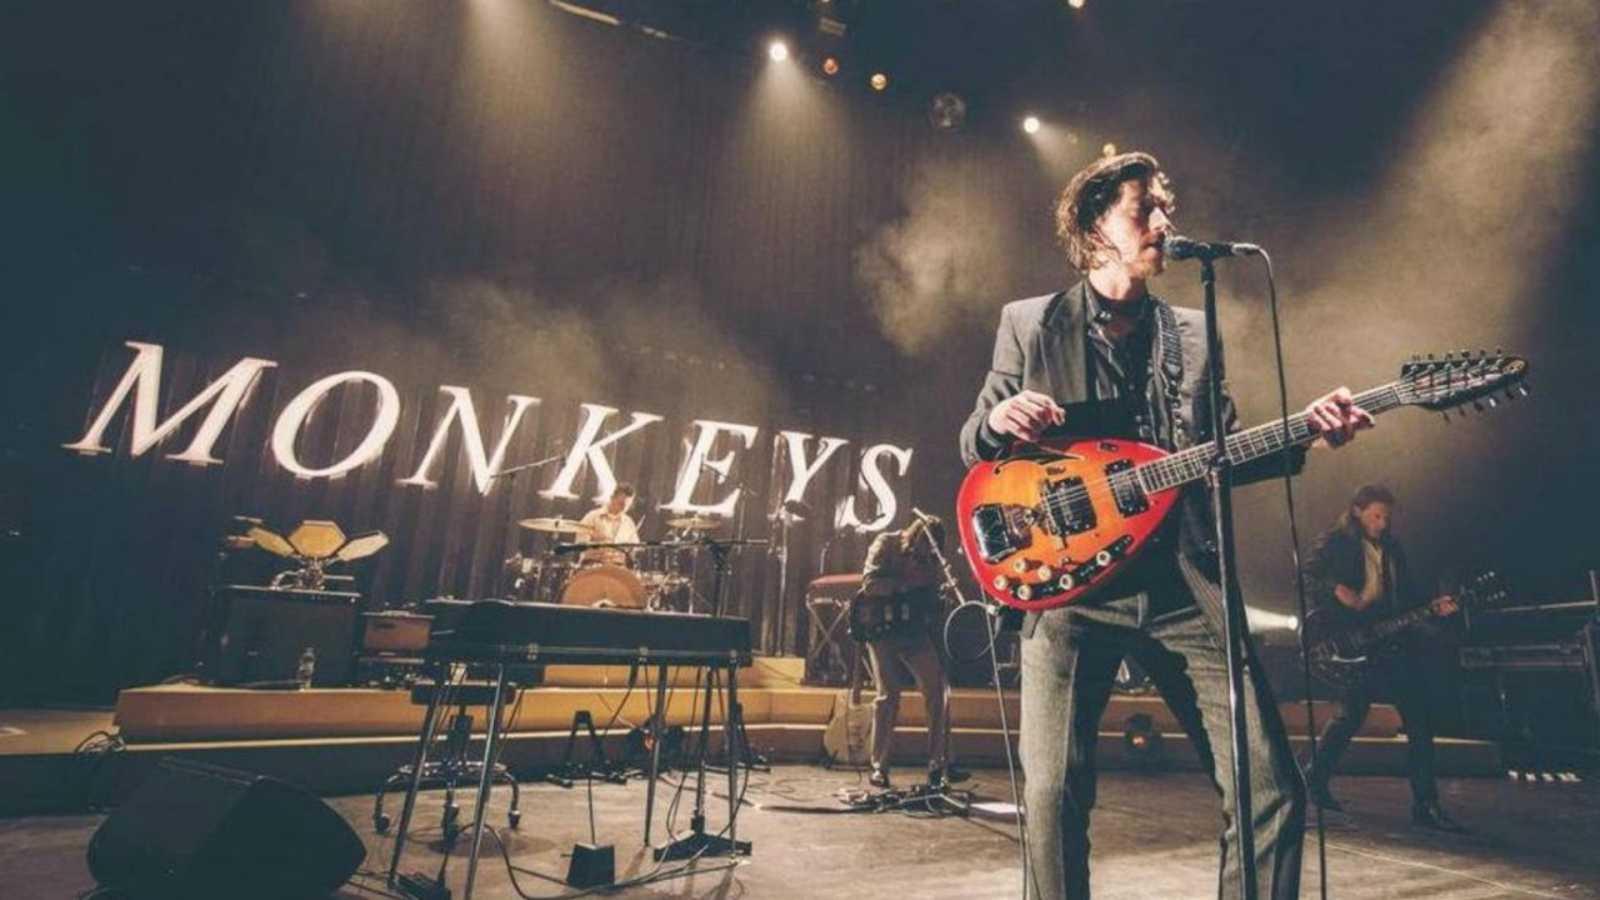 Turbo 3 - Arctic Monkeys, The Strokes y The White Stripes - 03/12/20 - escuchar ahora